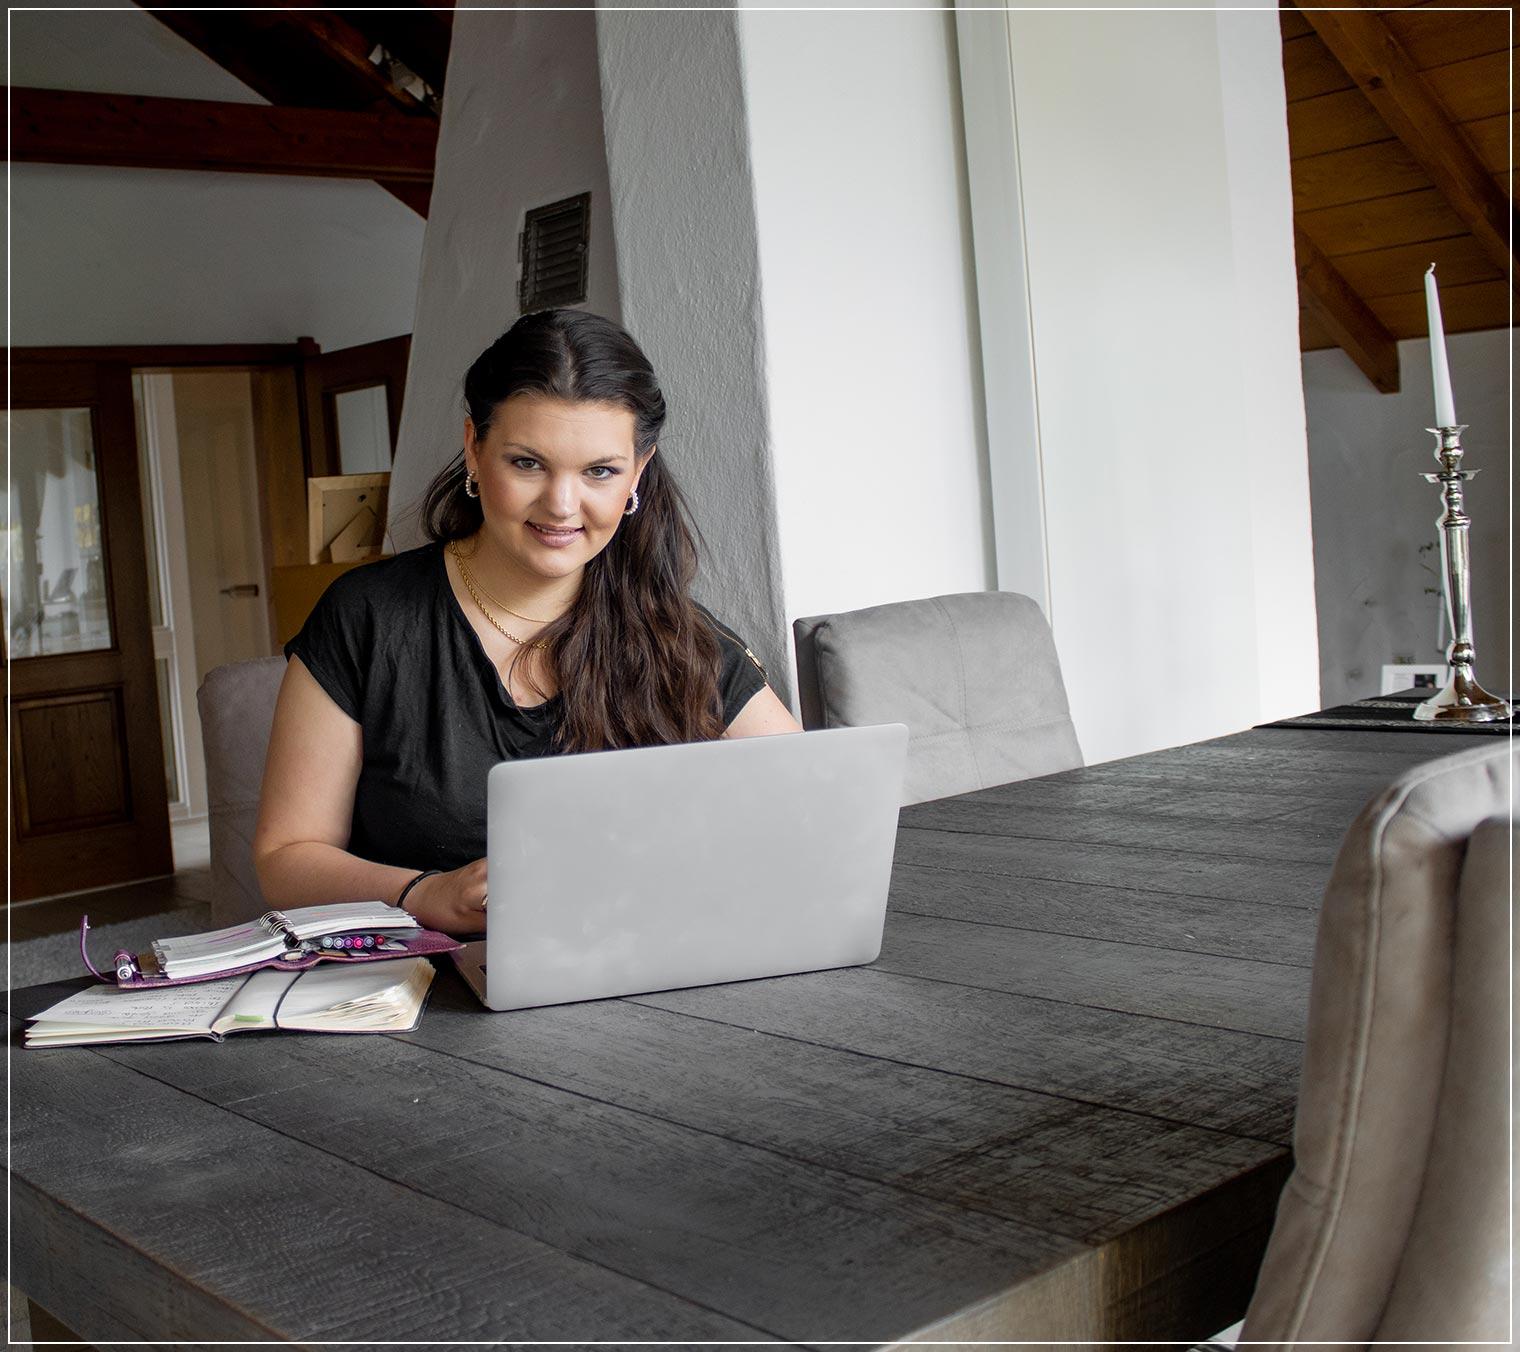 Blogger Tipps, diese Skills brauchst du zum erfolgreichen bloggen